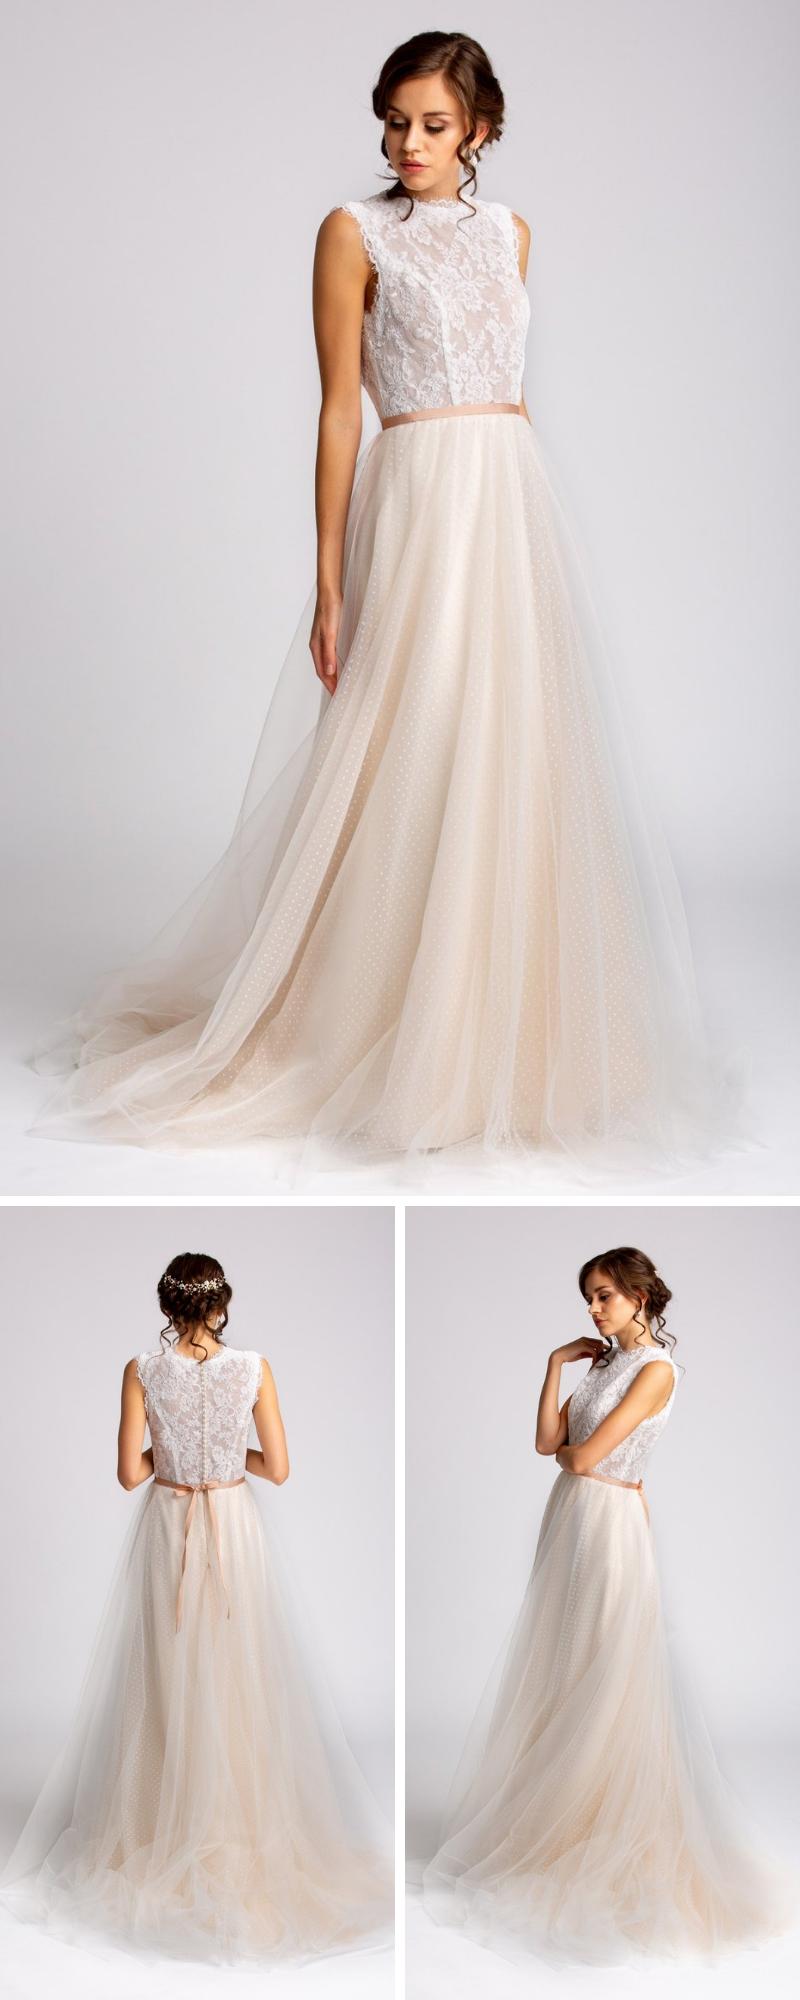 Fein und luftig: Brautkleider Trends für jeden Brauttyp ...